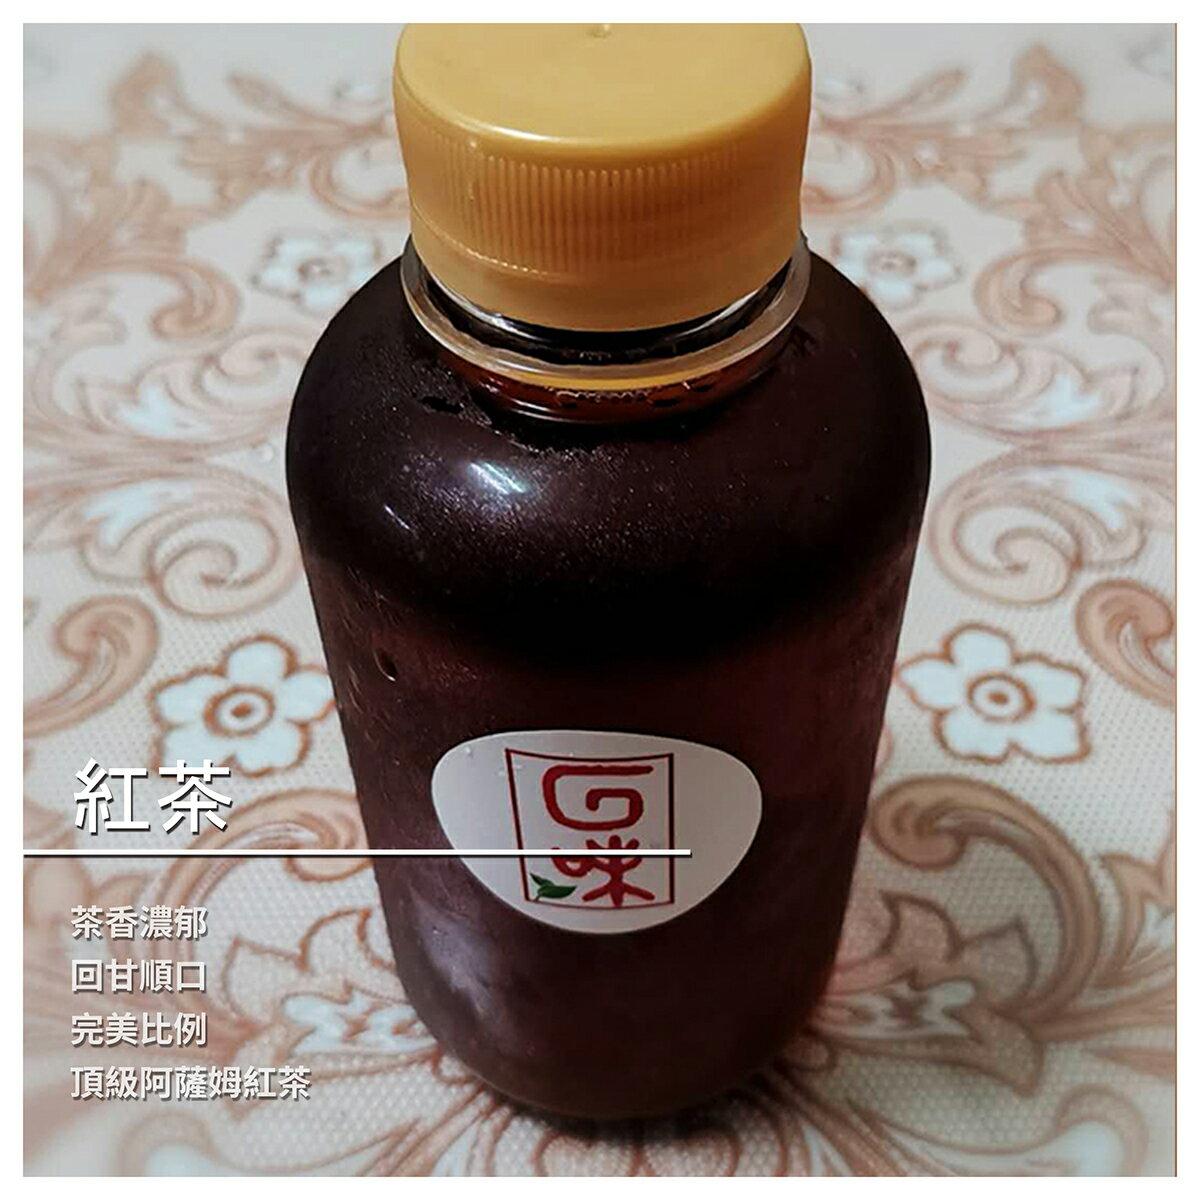 【回味茶飲】紅茶/1000ml/瓶